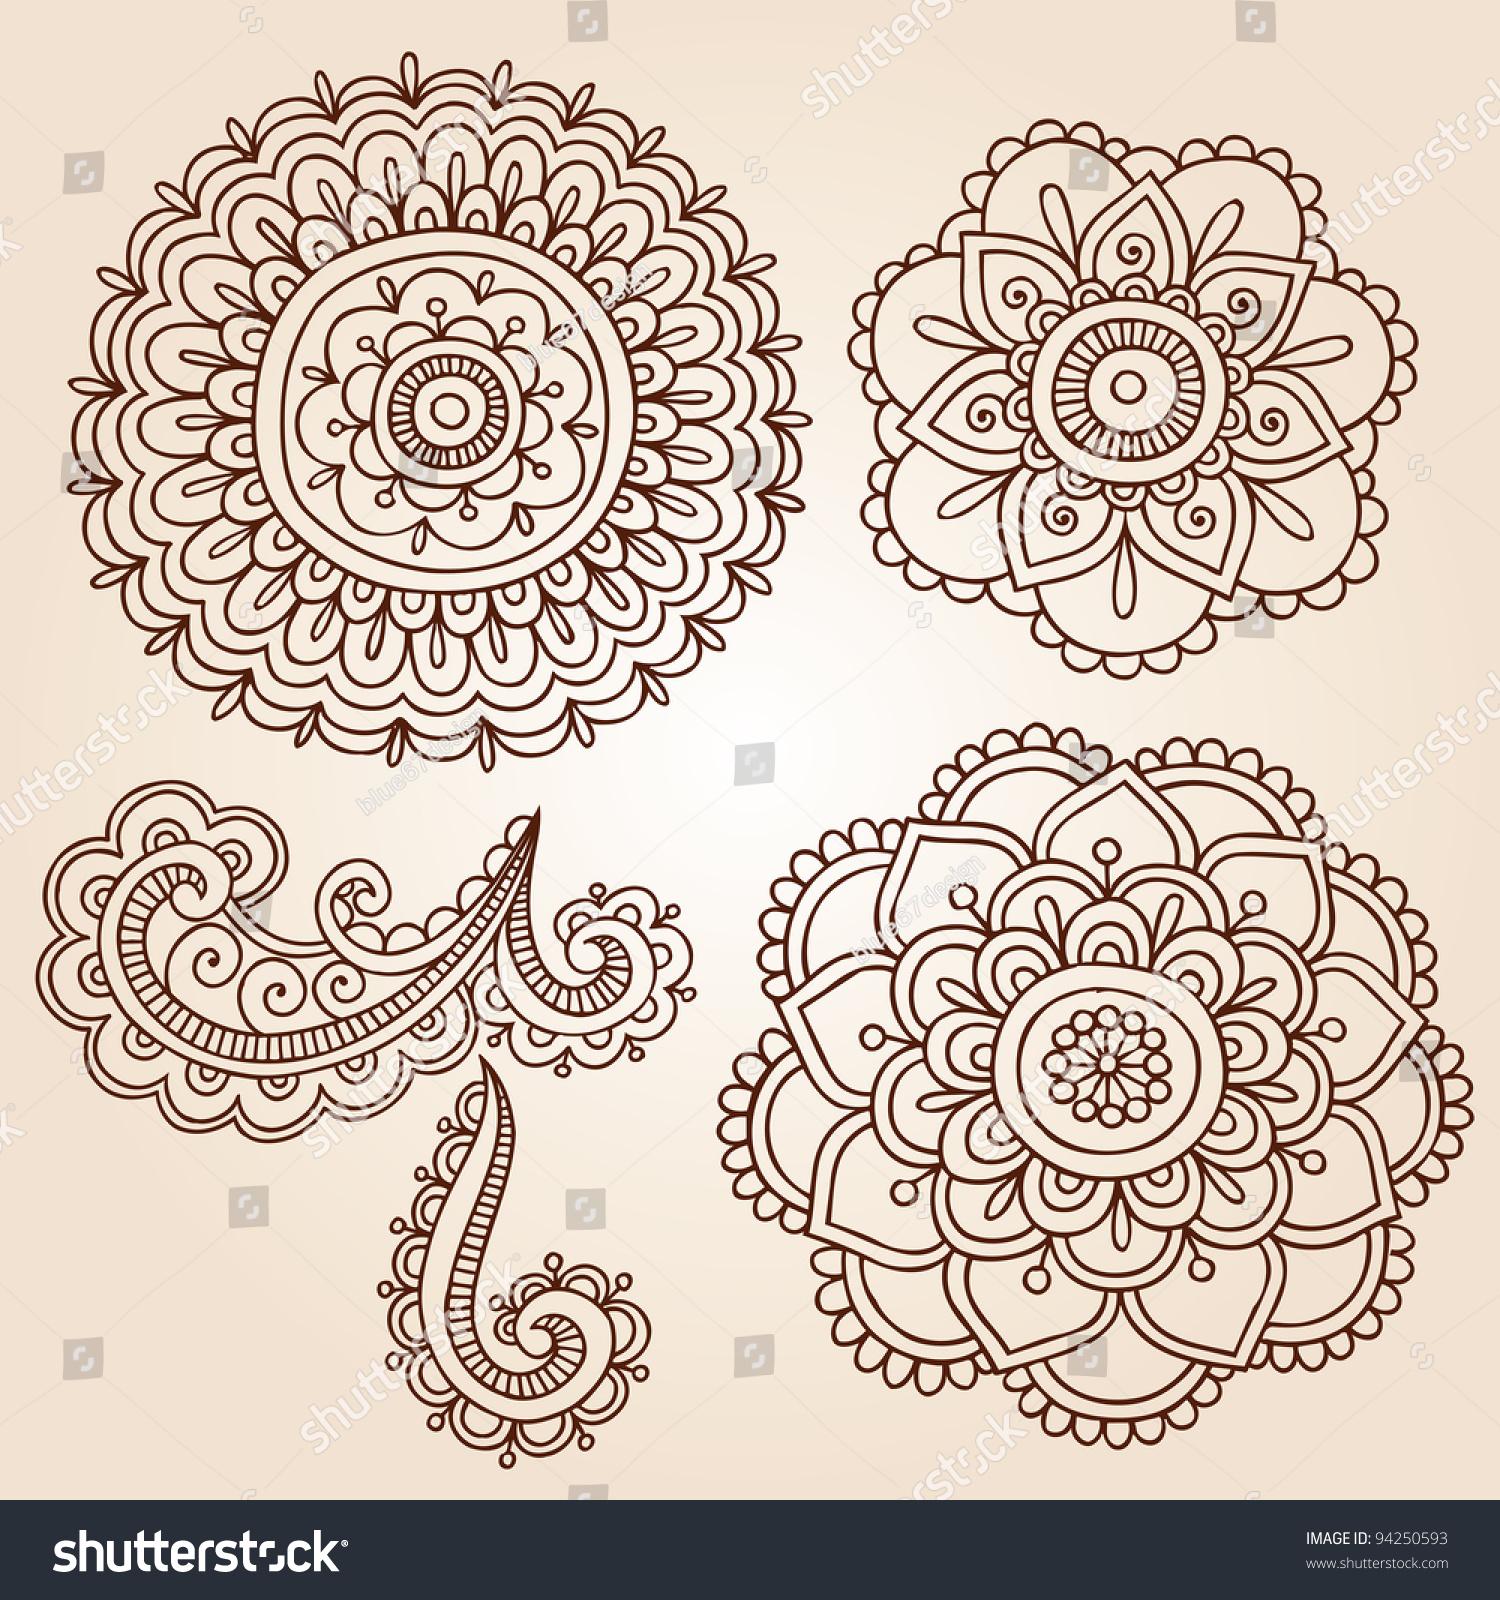 henna mehndi flower doodles abstract floral paisley design elements vector illustration. Black Bedroom Furniture Sets. Home Design Ideas